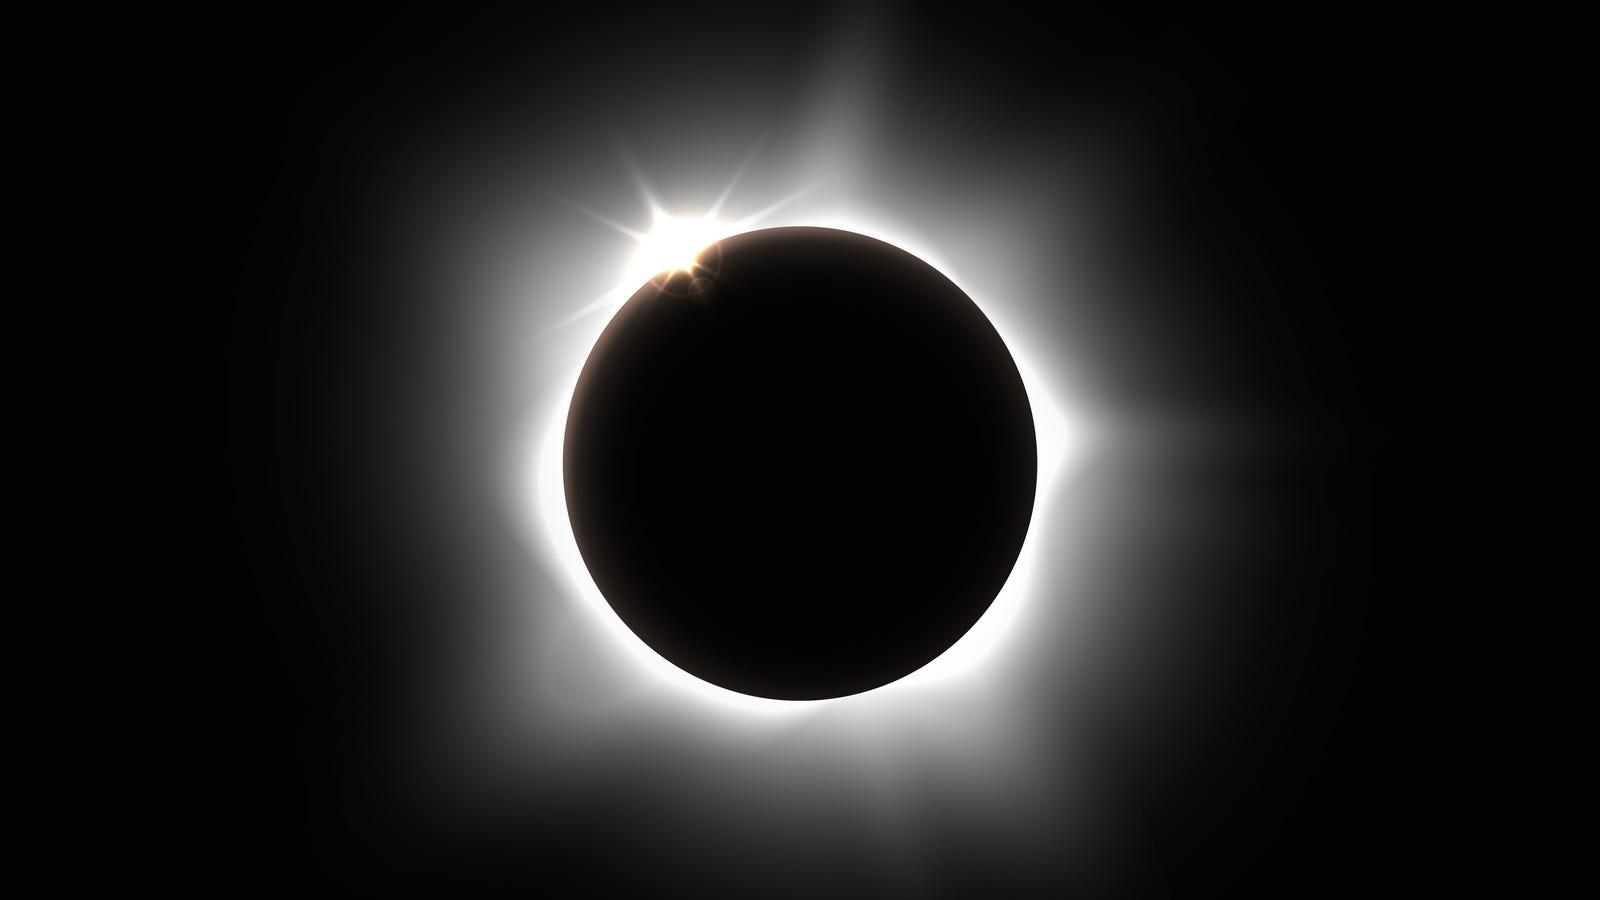 Cómo ver el eclipse solar sin dañarte la vista?